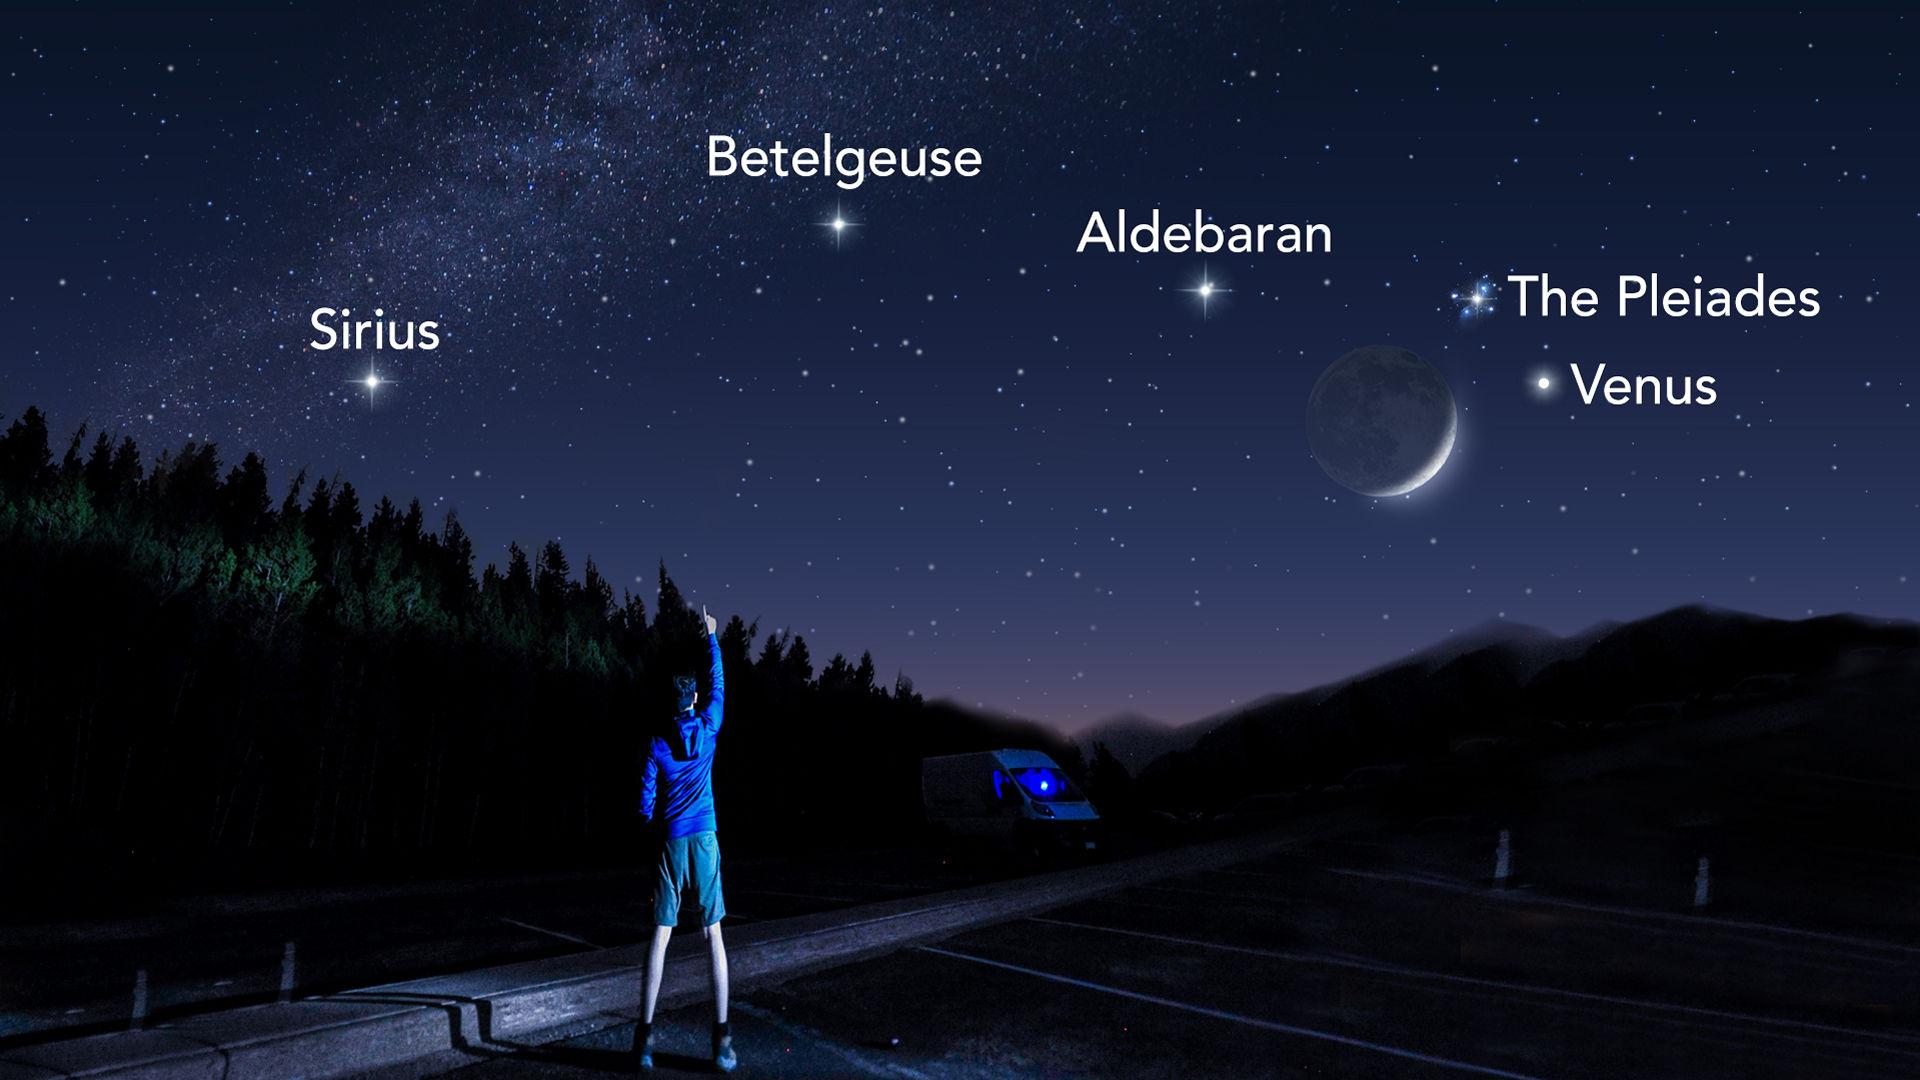 Что можно увидеть на небе в эти выходные